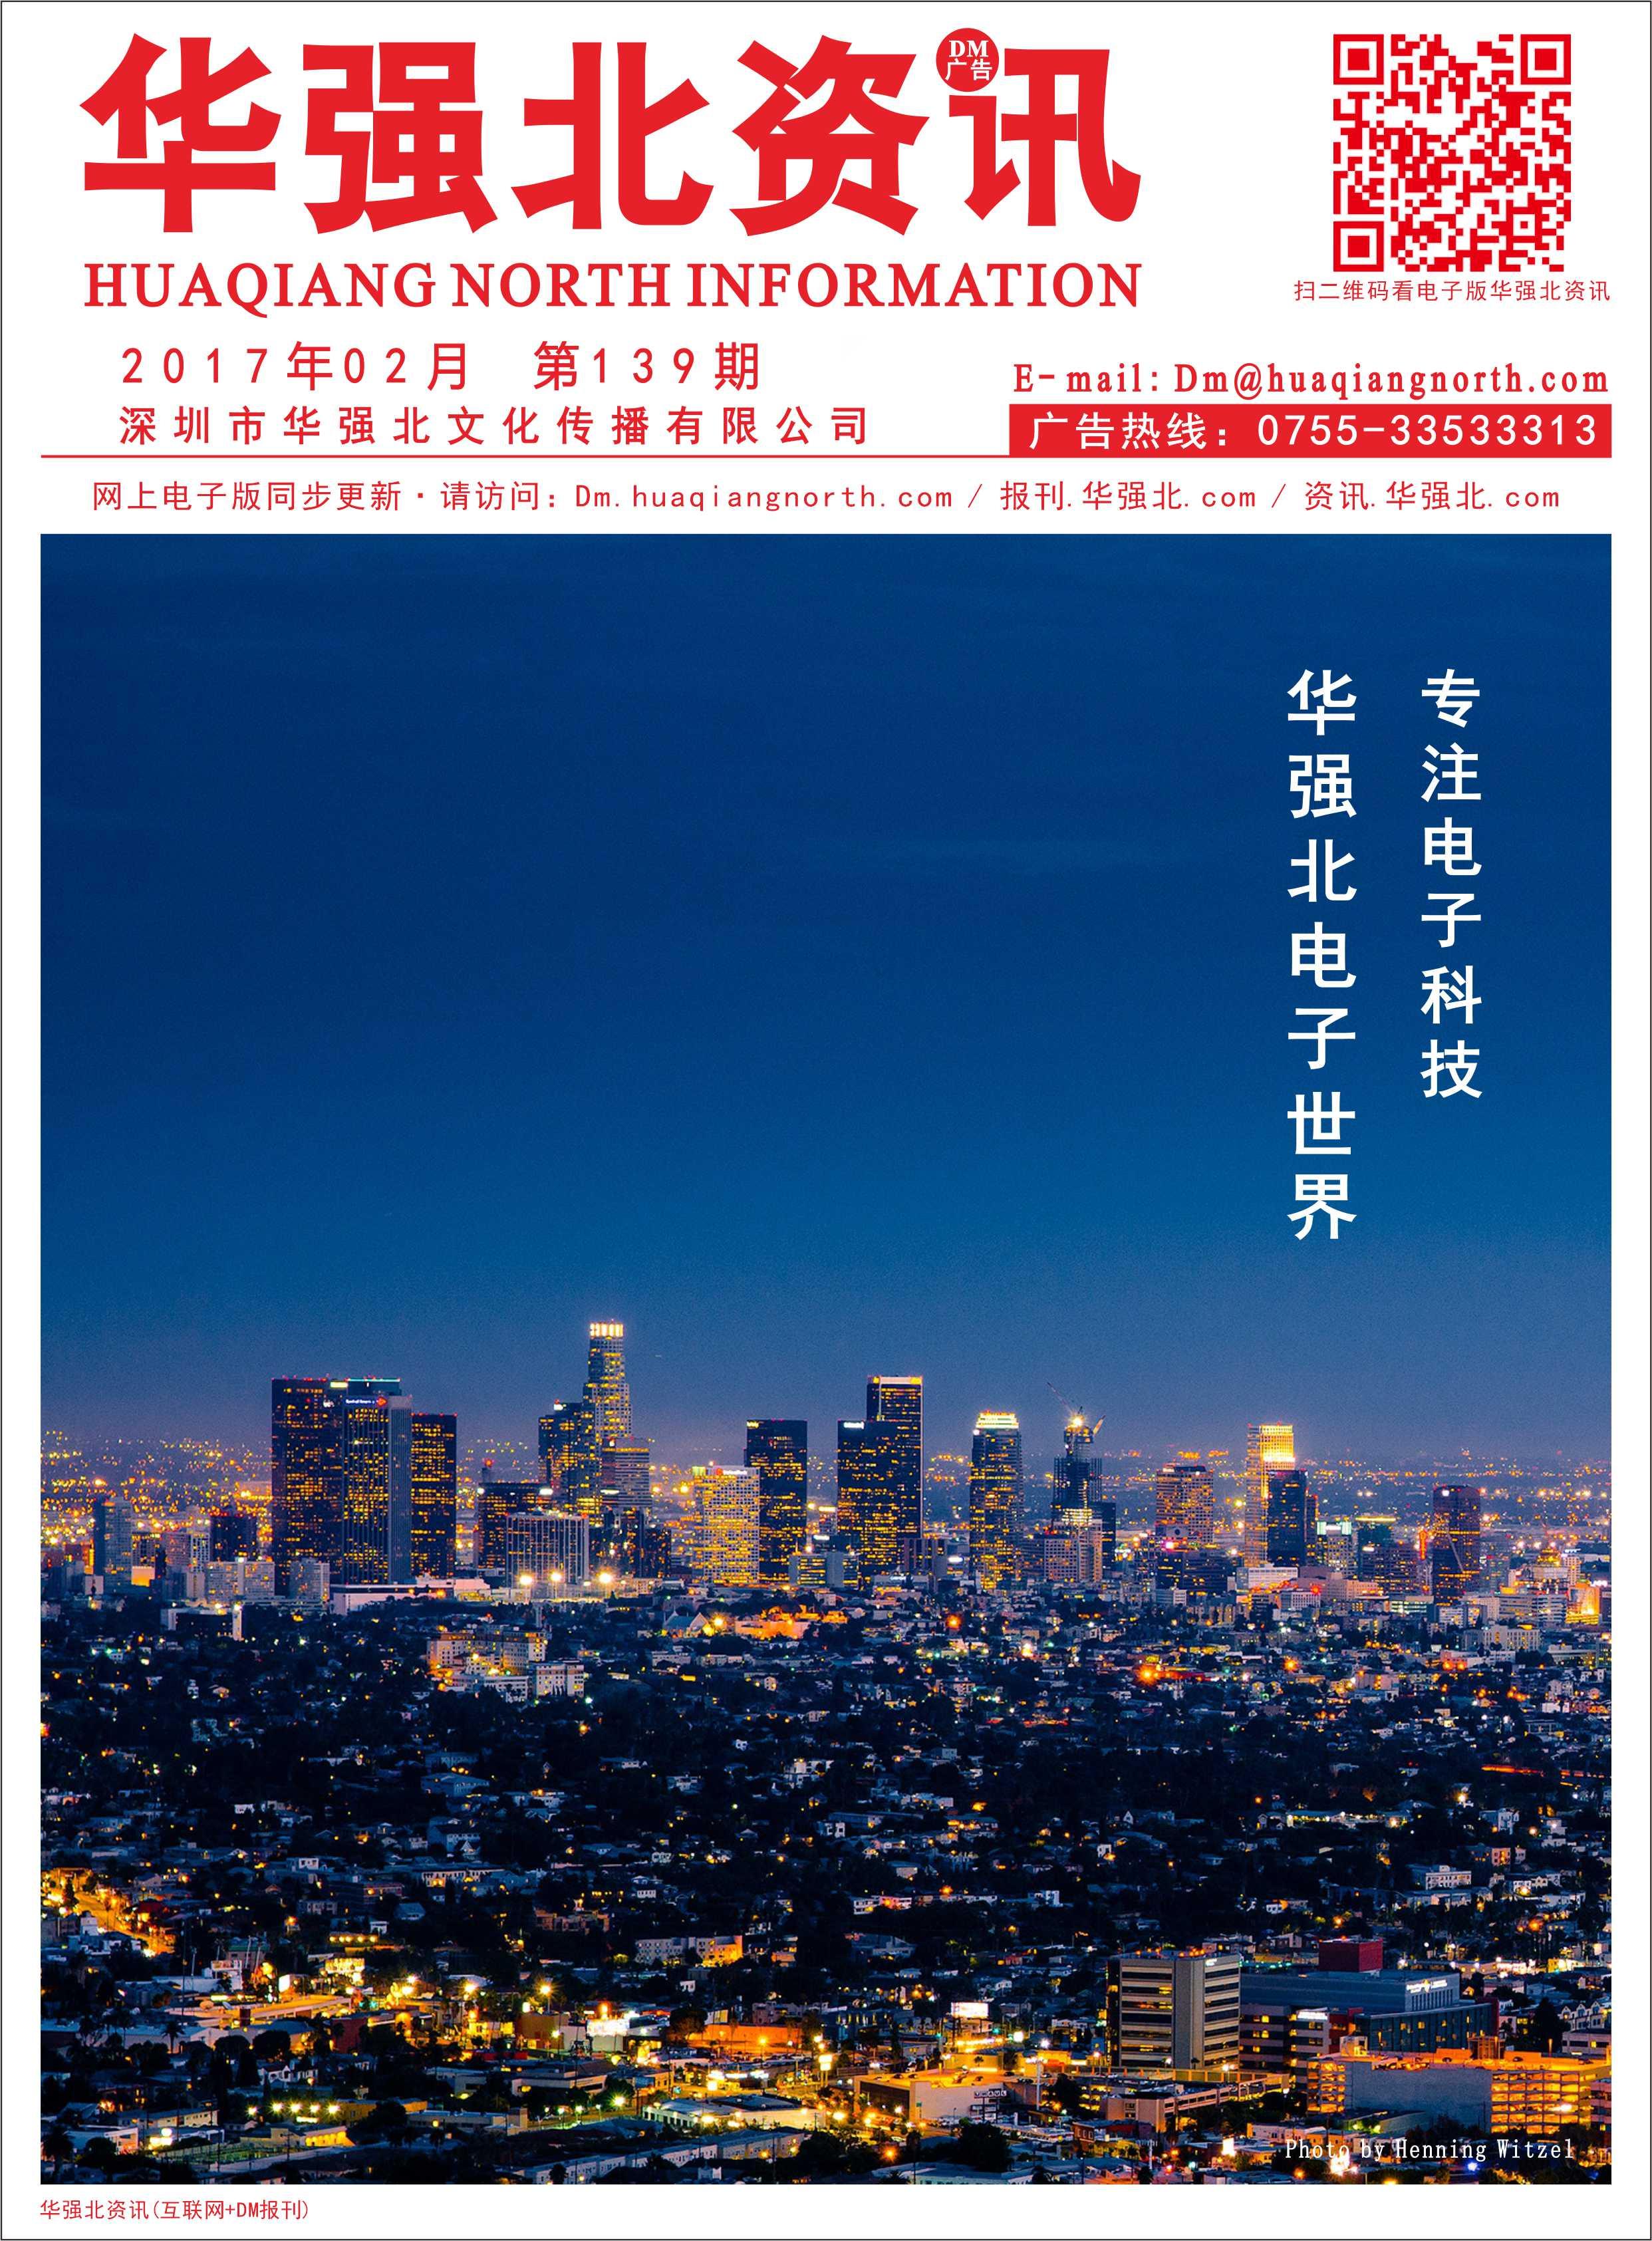 华强北资讯第139期